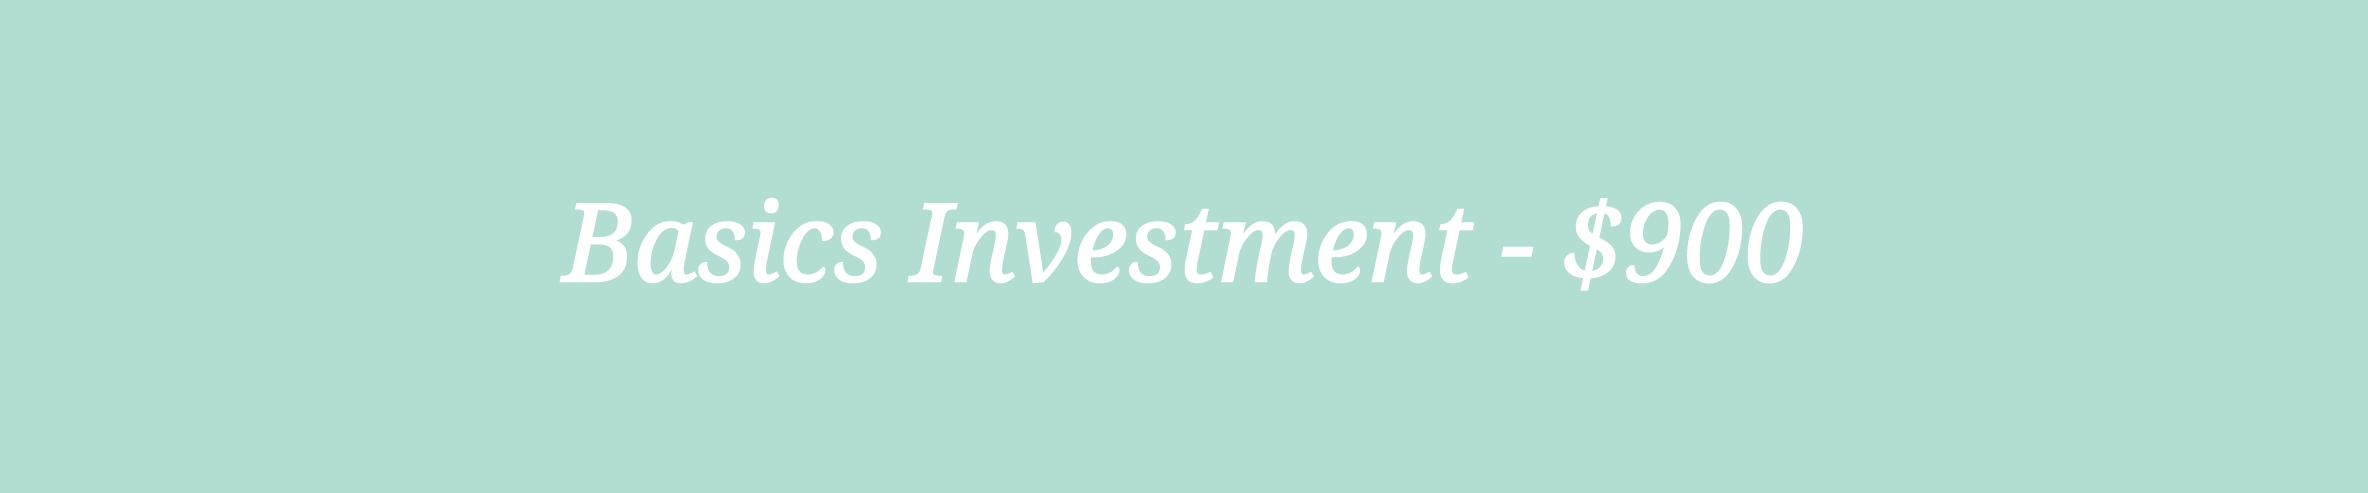 Basics Investment Machelle Kolbo Design Studio